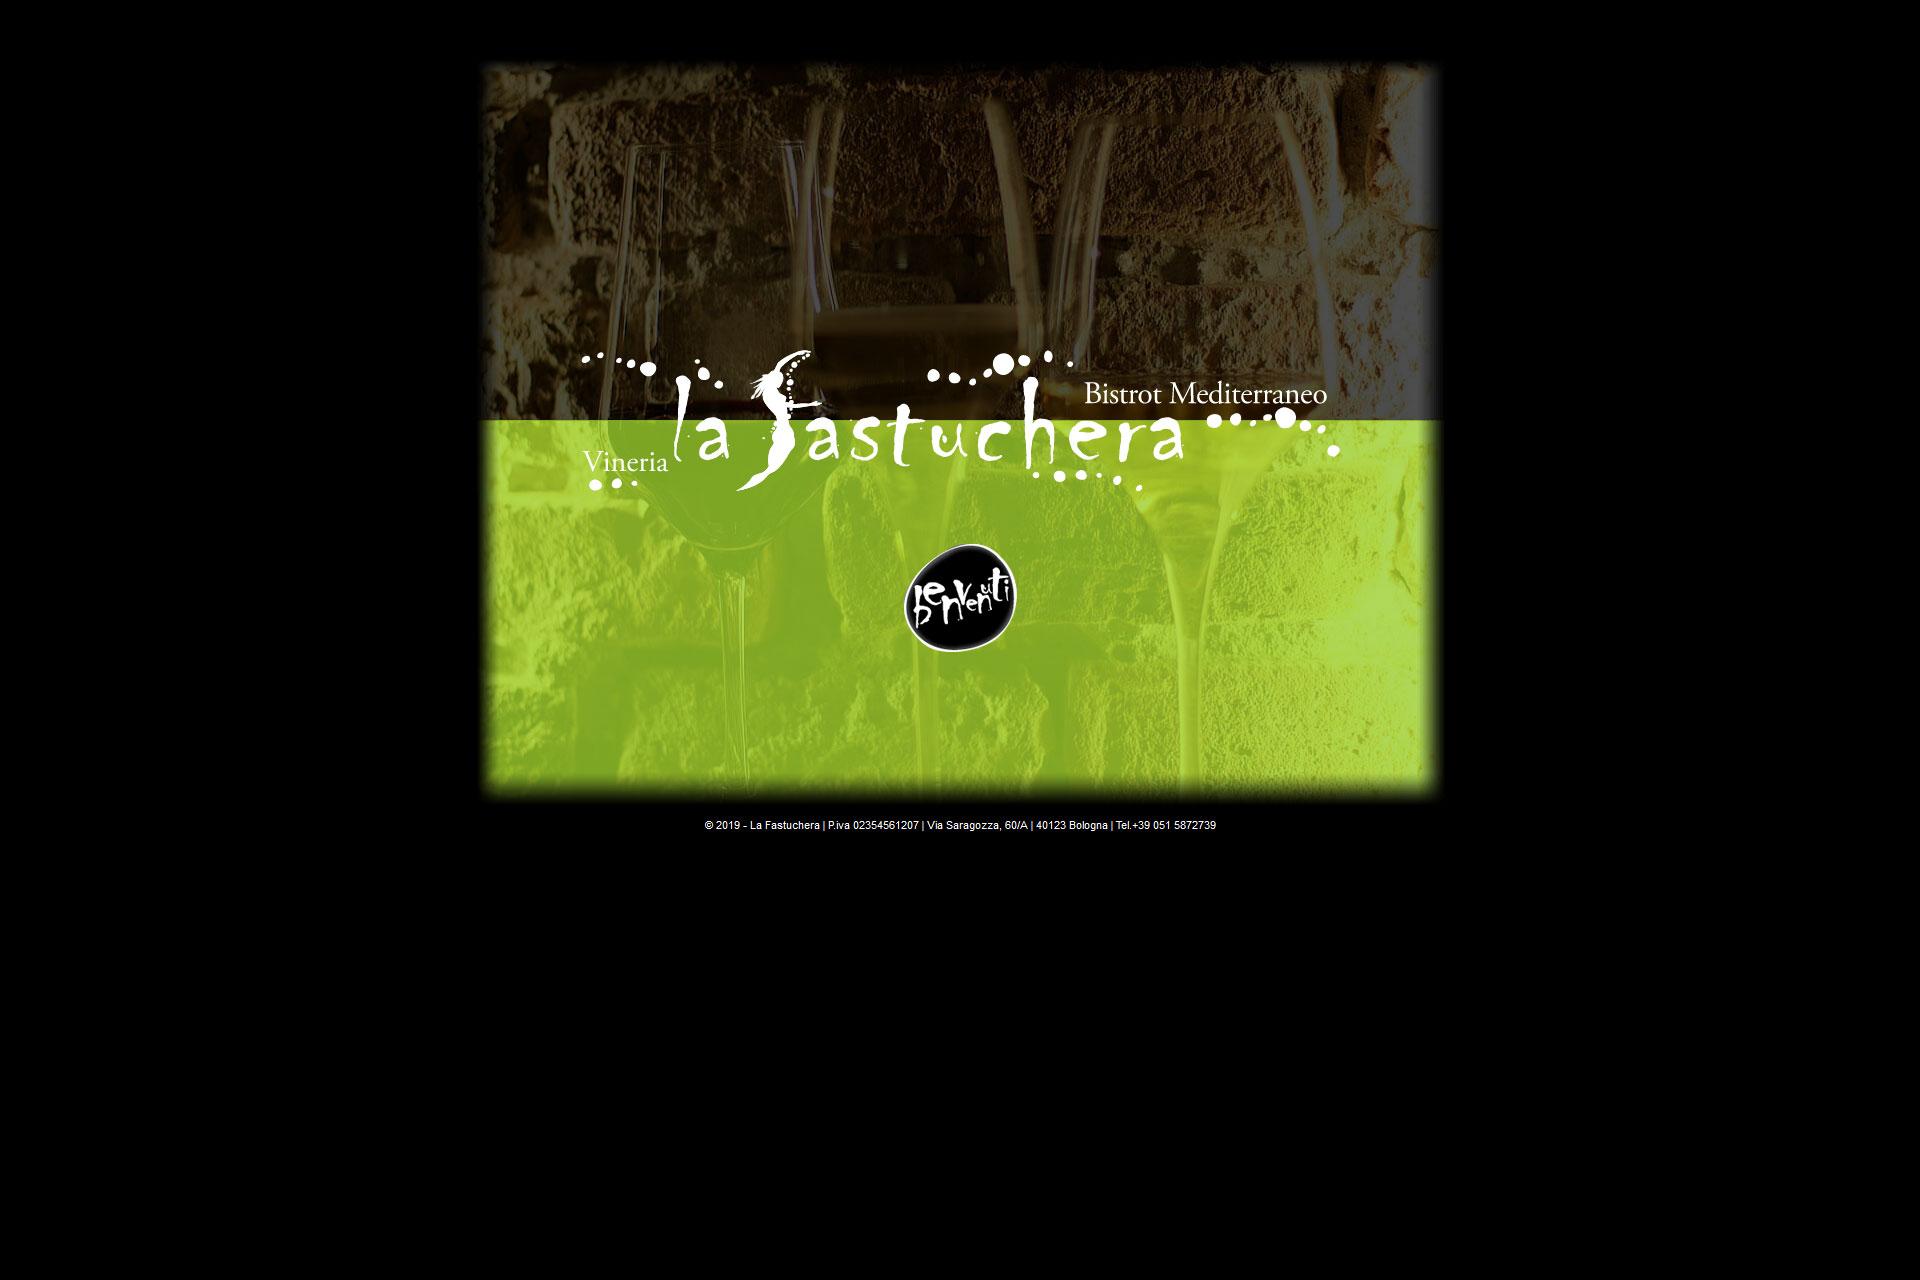 lv-design-realizzazione-siti-web-bologna-portfolio-la-fastuchera-slide-1